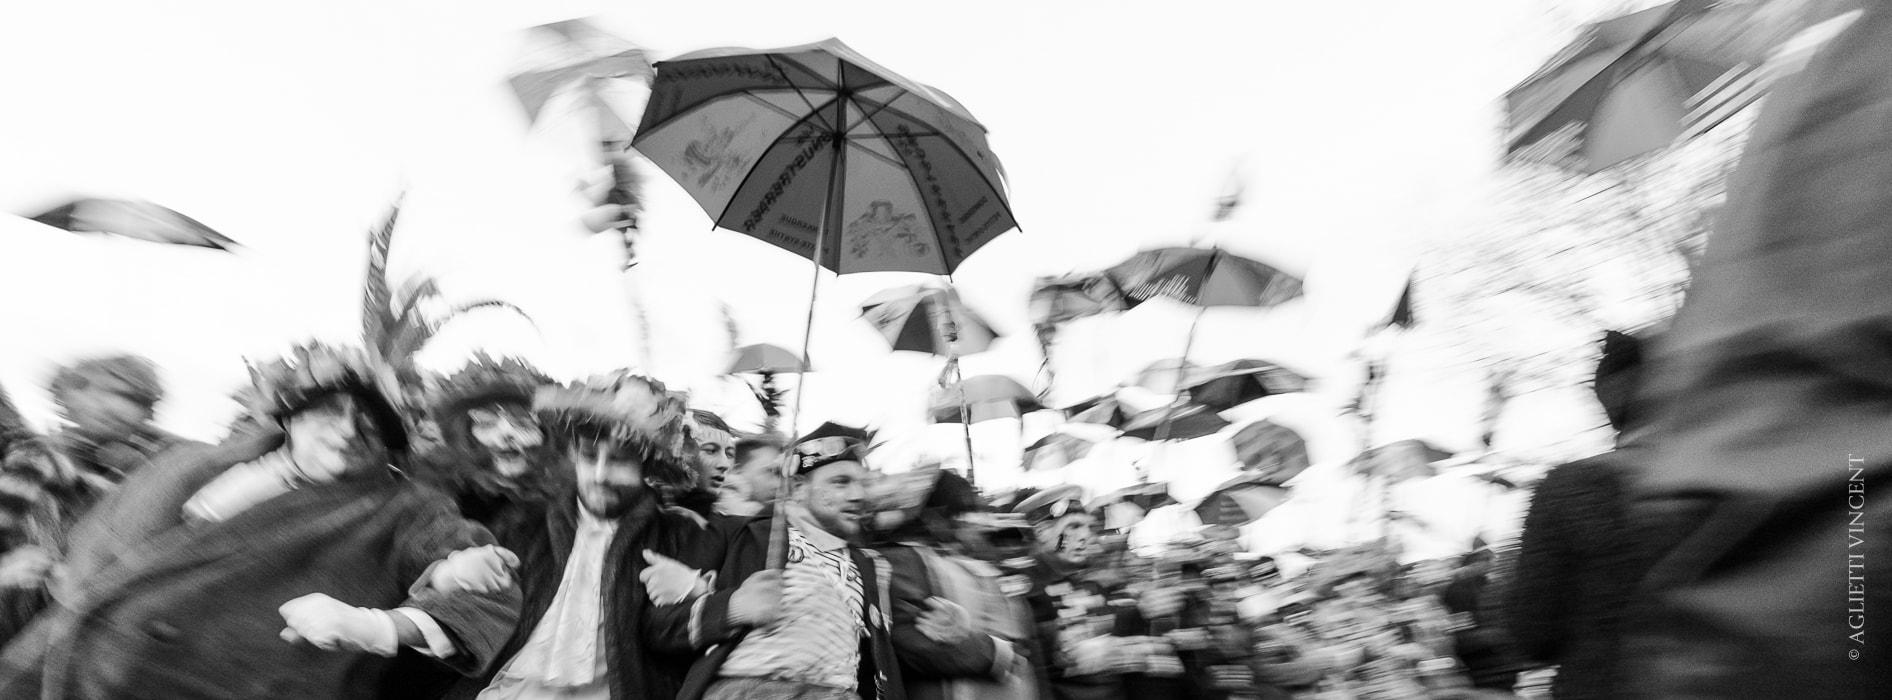 Bandeau du site camera-singulier, premiére ligne du carnaval de Dunkerque réalisé par Vincent Aglietti